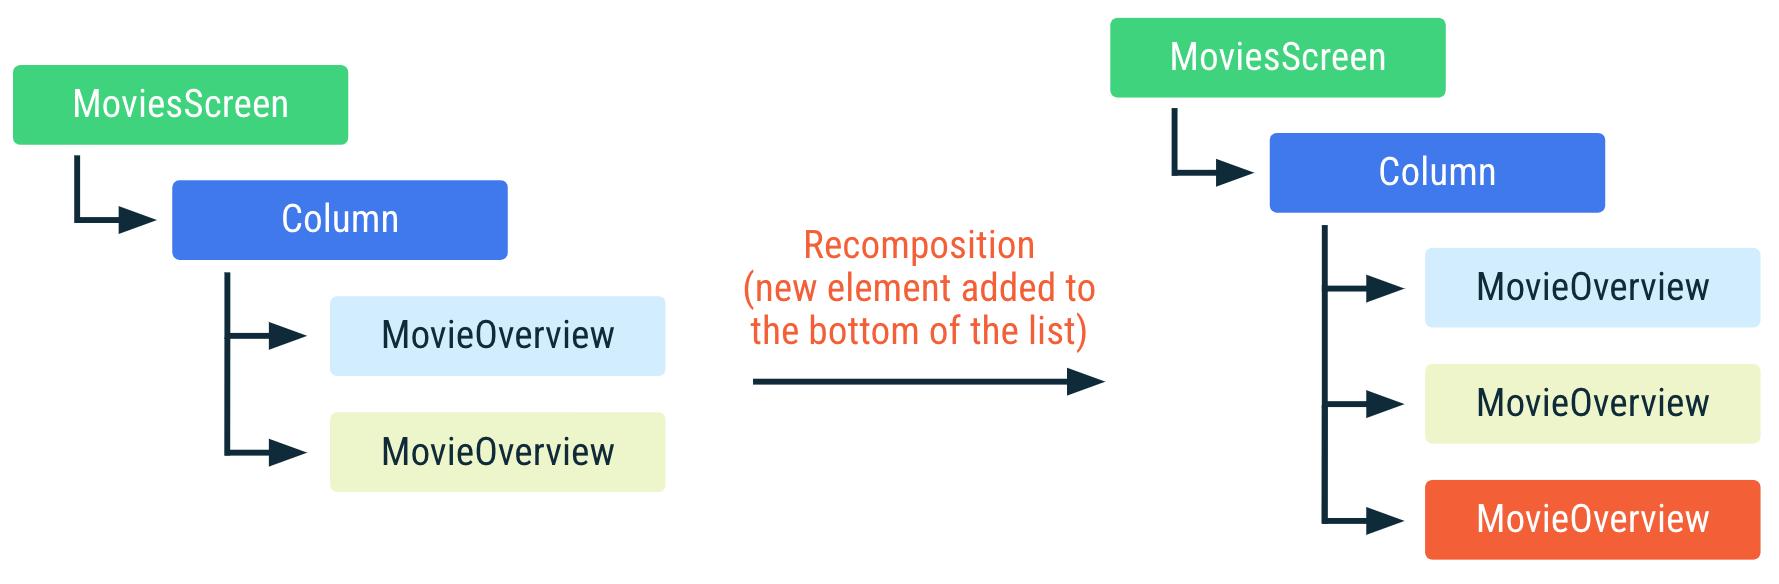 展示将新元素添加到列表底部后上述代码重组方式的示意图。列表中的其他项并未改变位置,也不会重组。